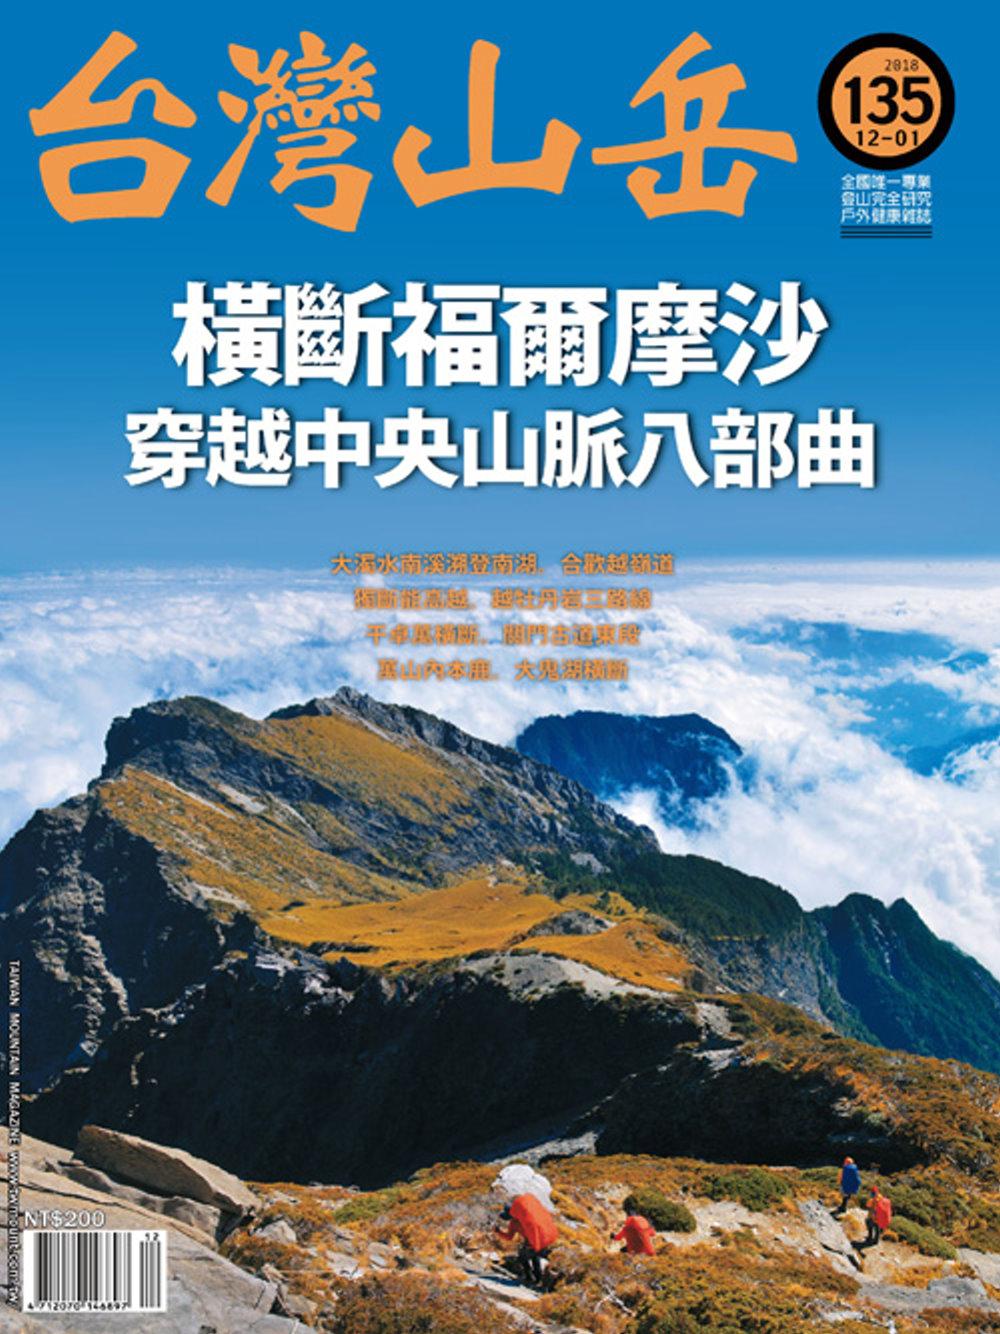 台灣山岳 12.1月號/2017.2018第135期